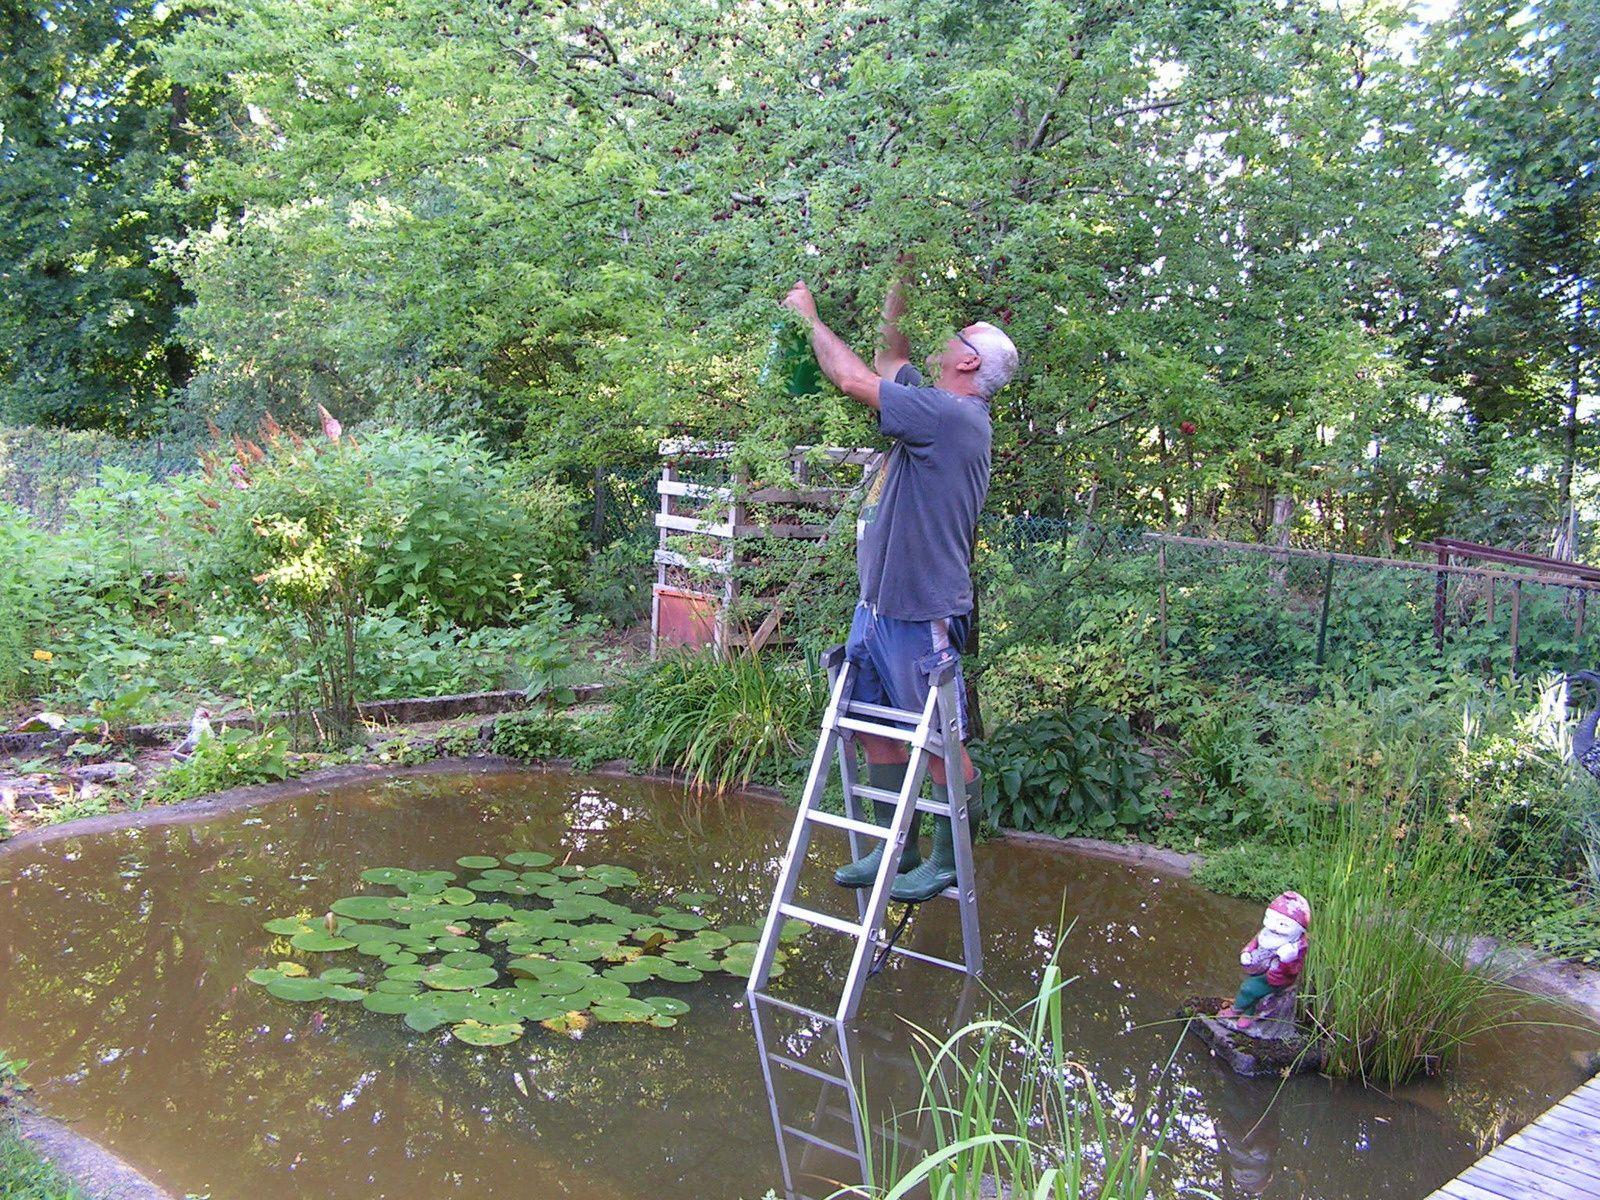 Mon mari en train de cueillir les prunes : étape périlleuse n'est-ce pas !!!